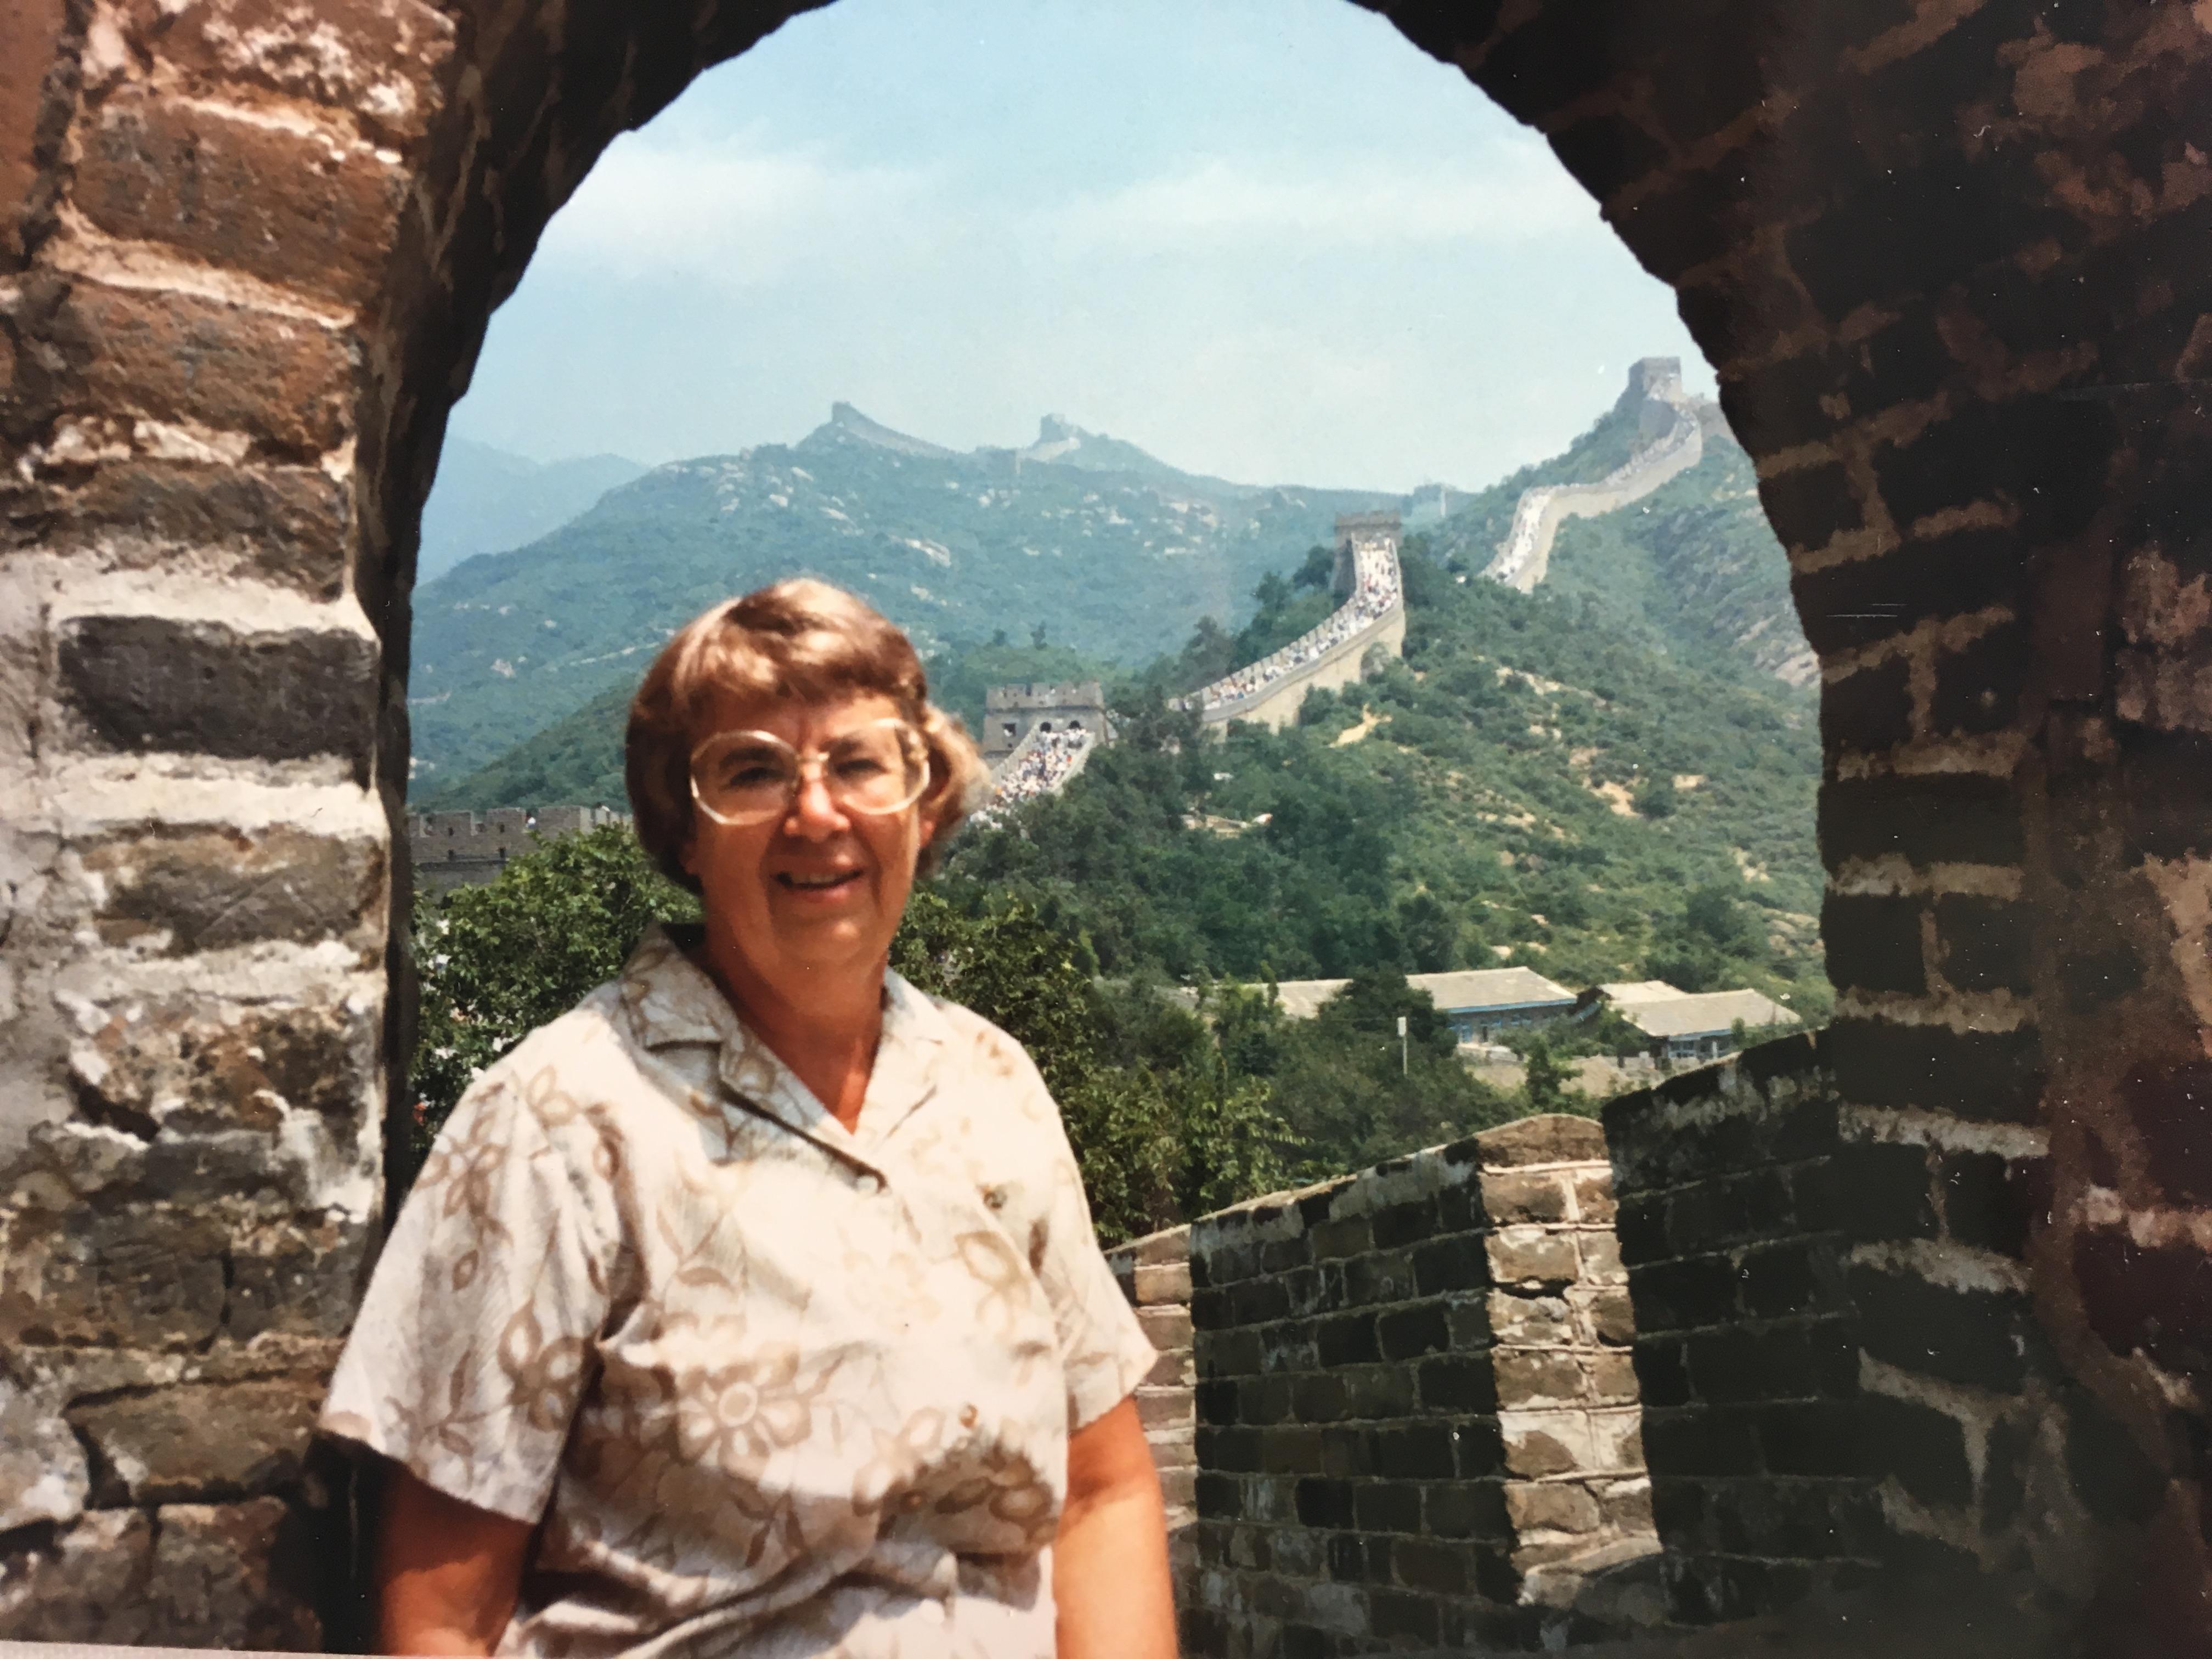 Grandma at Great Wall of China